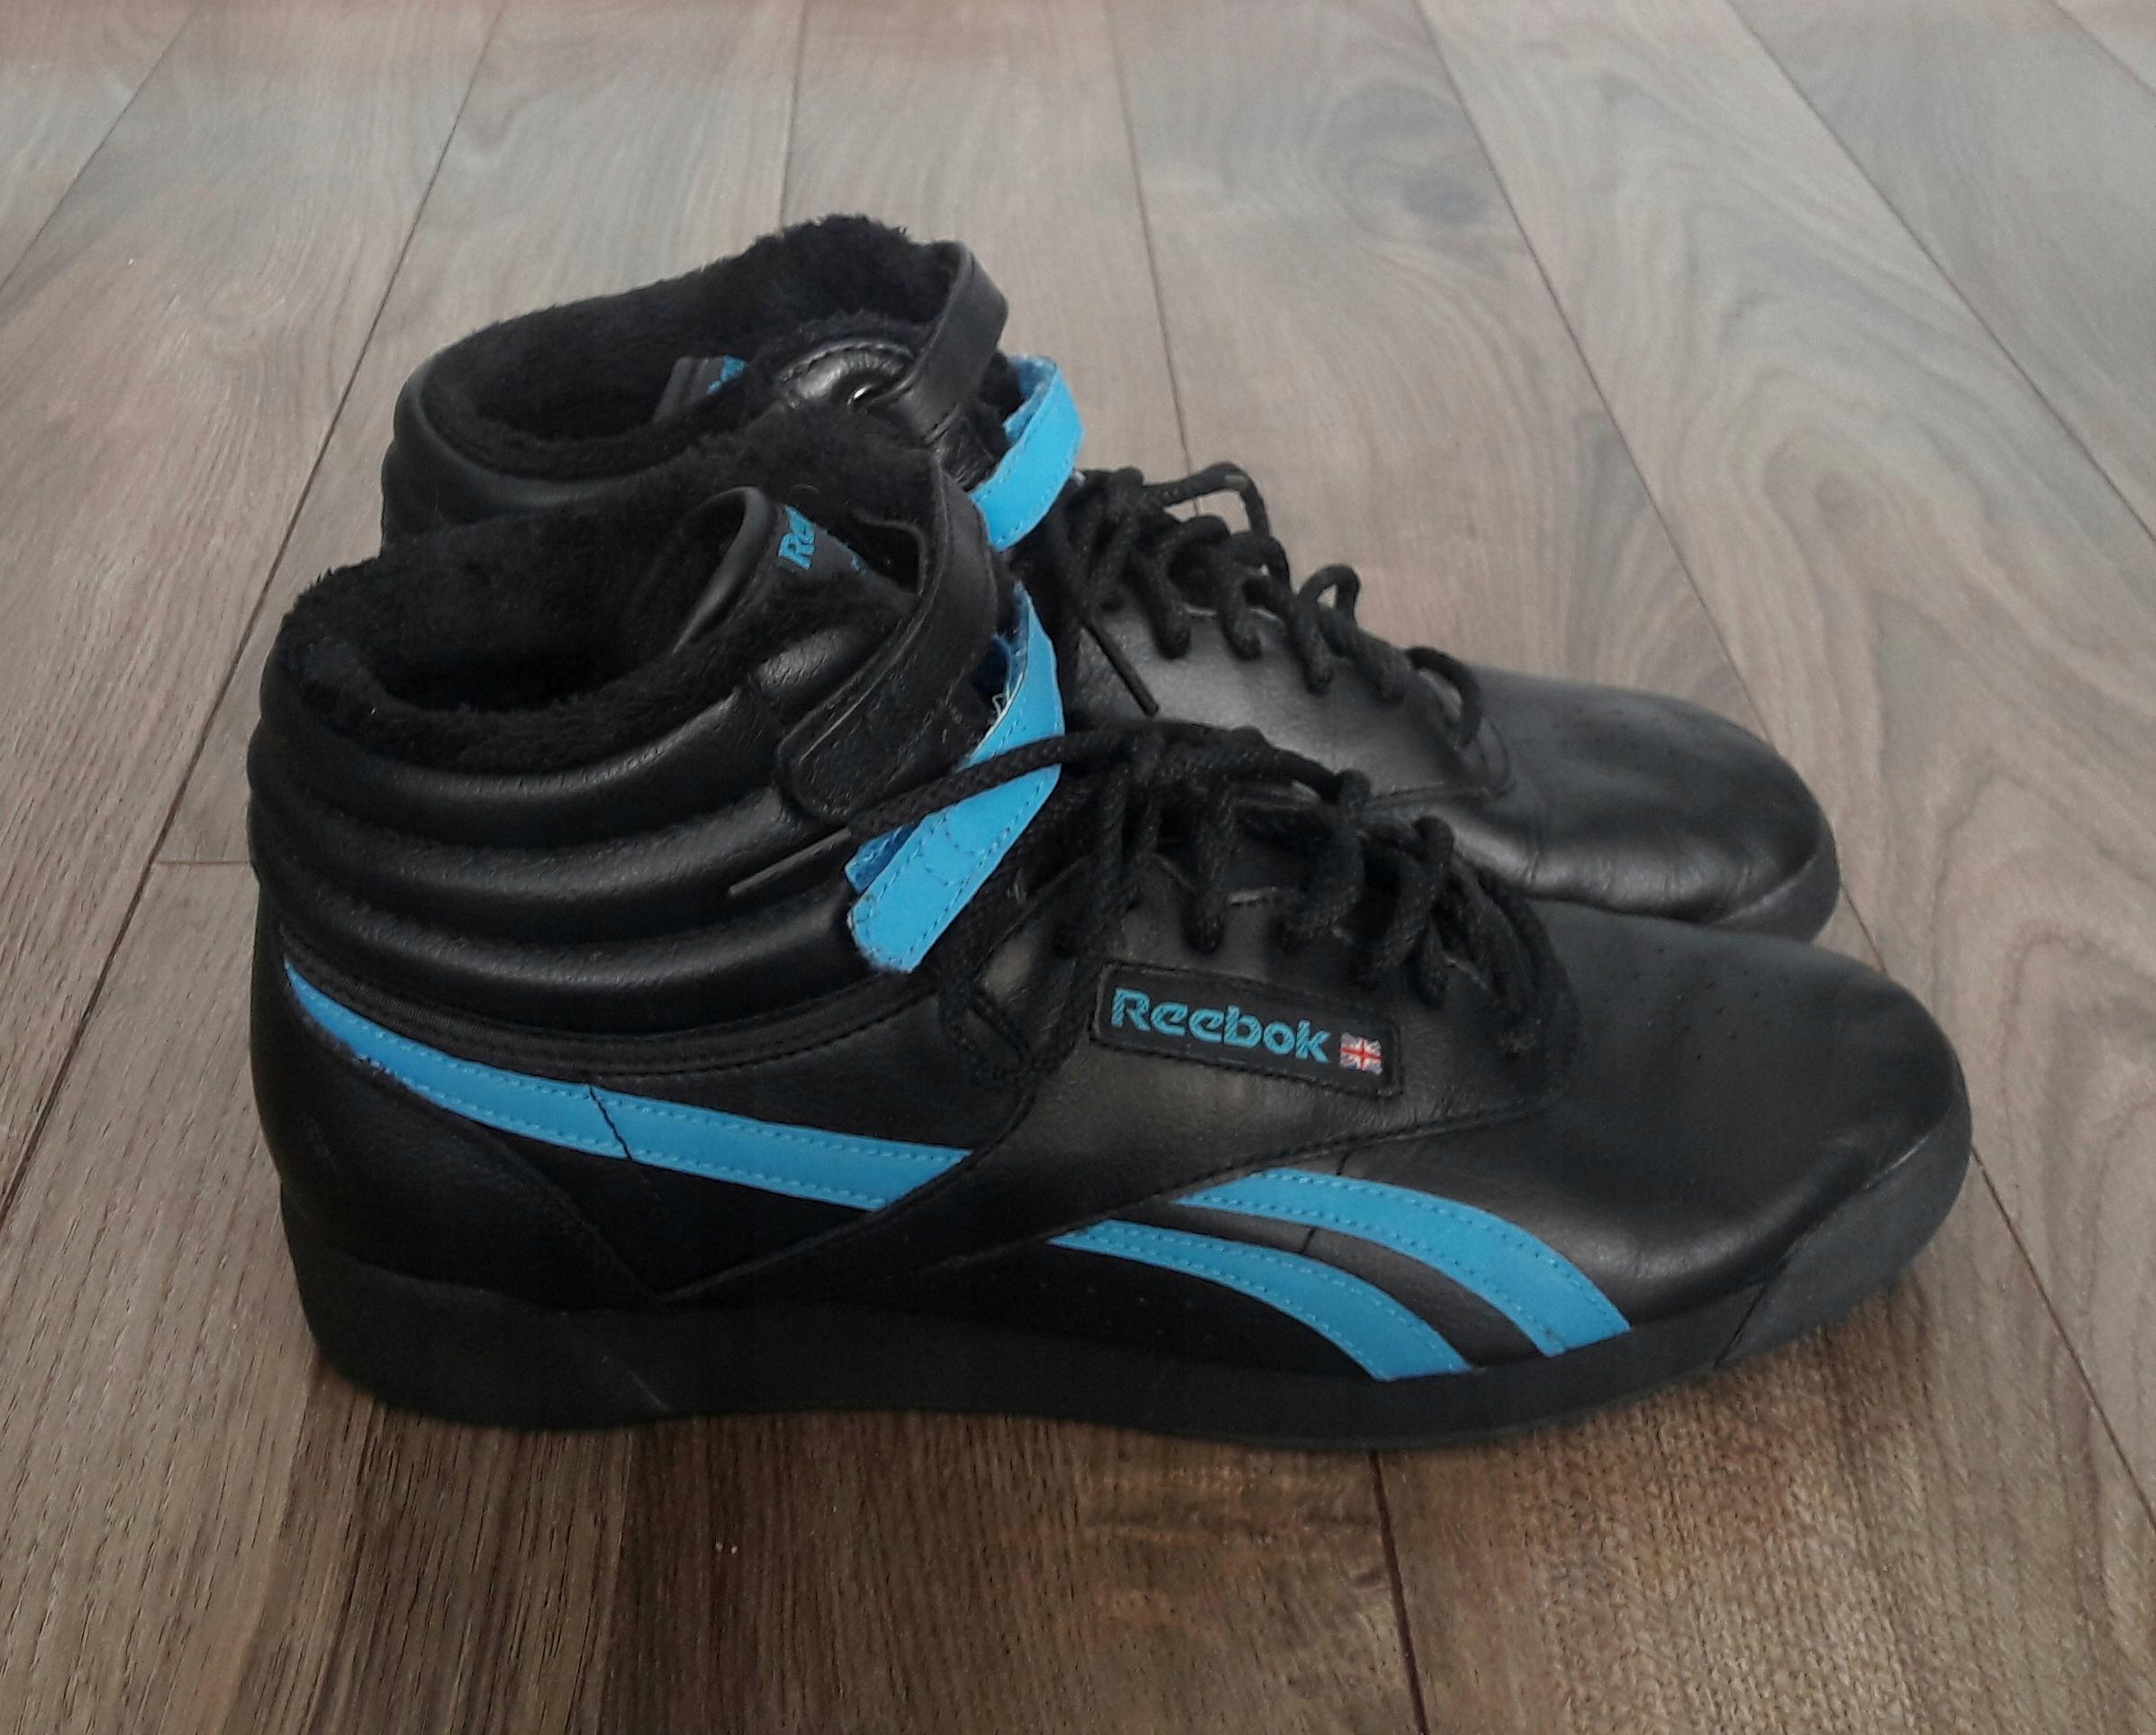 f20c429d REEBOK sneakersy r.40 skórzane damskie nike - 7564090559 - oficjalne ...